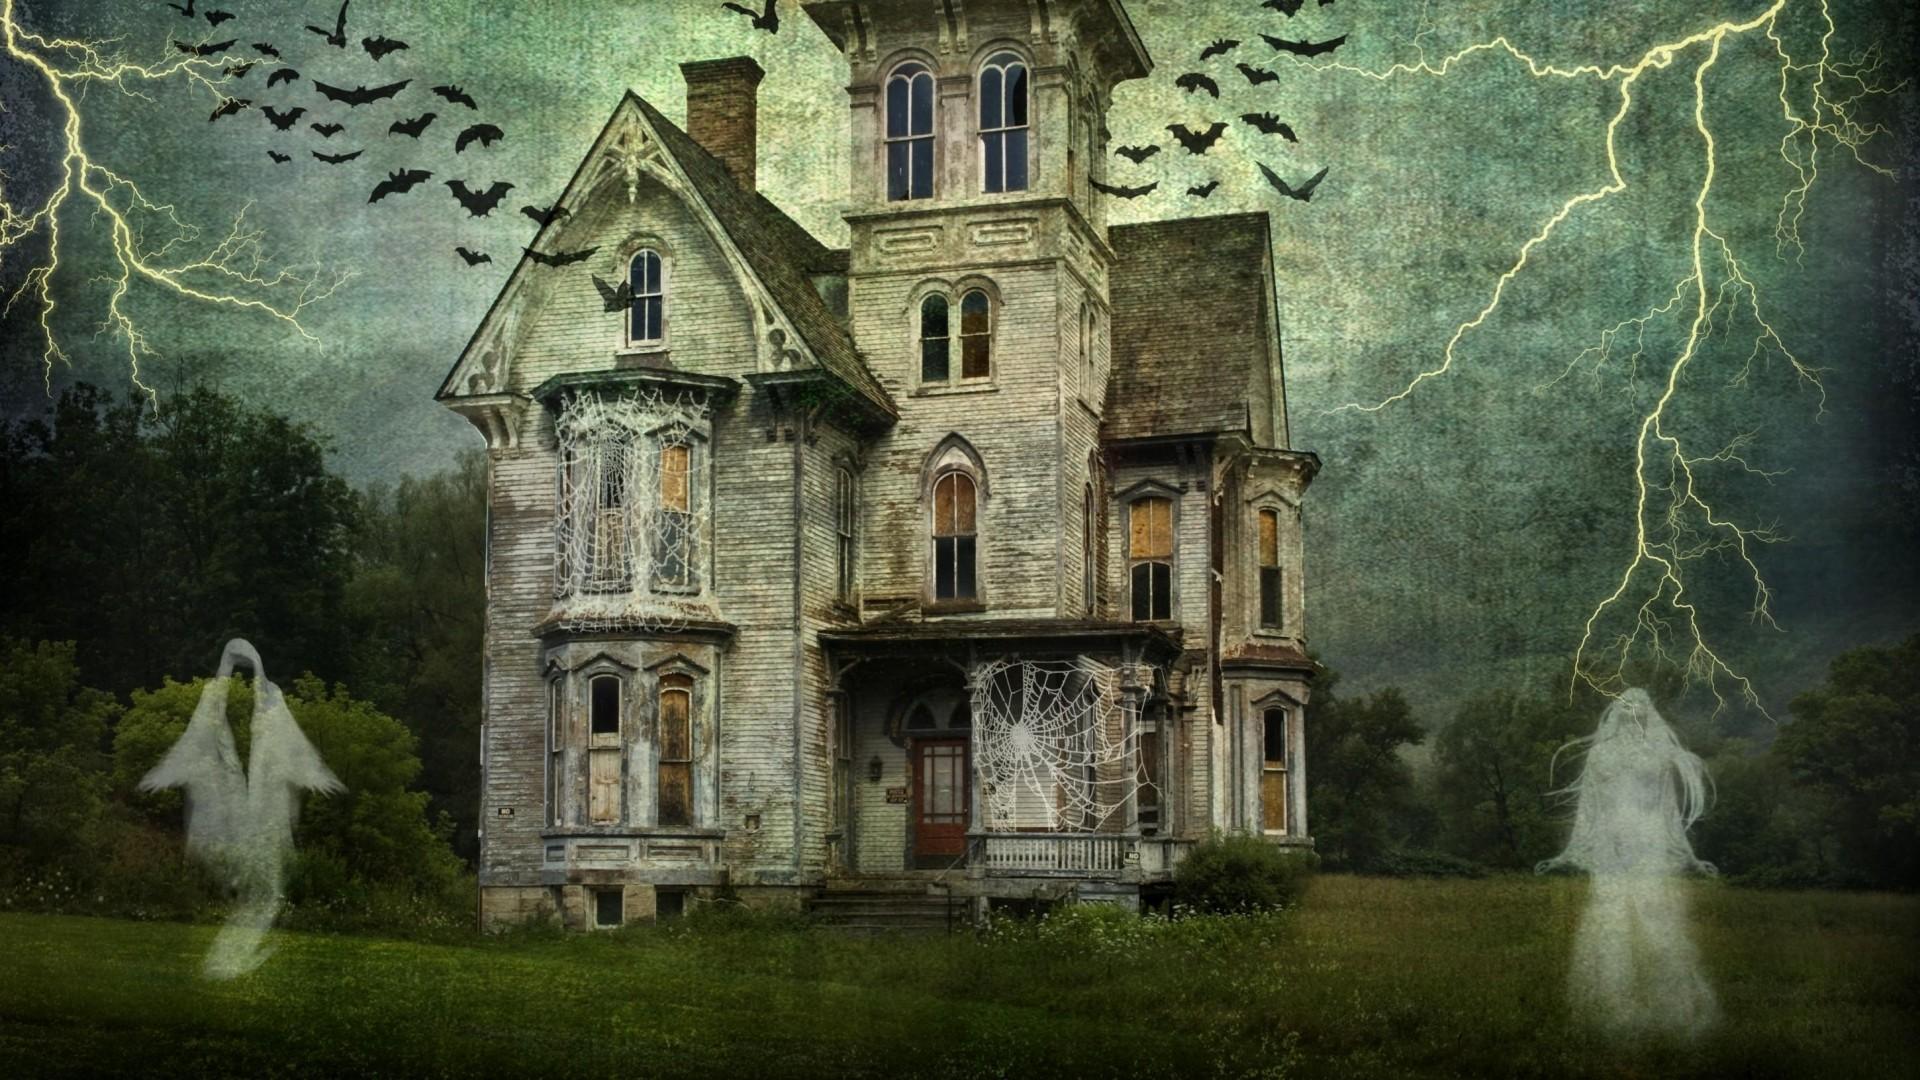 Wallpaper castle, cobwebs, ghosts, lightning, birds